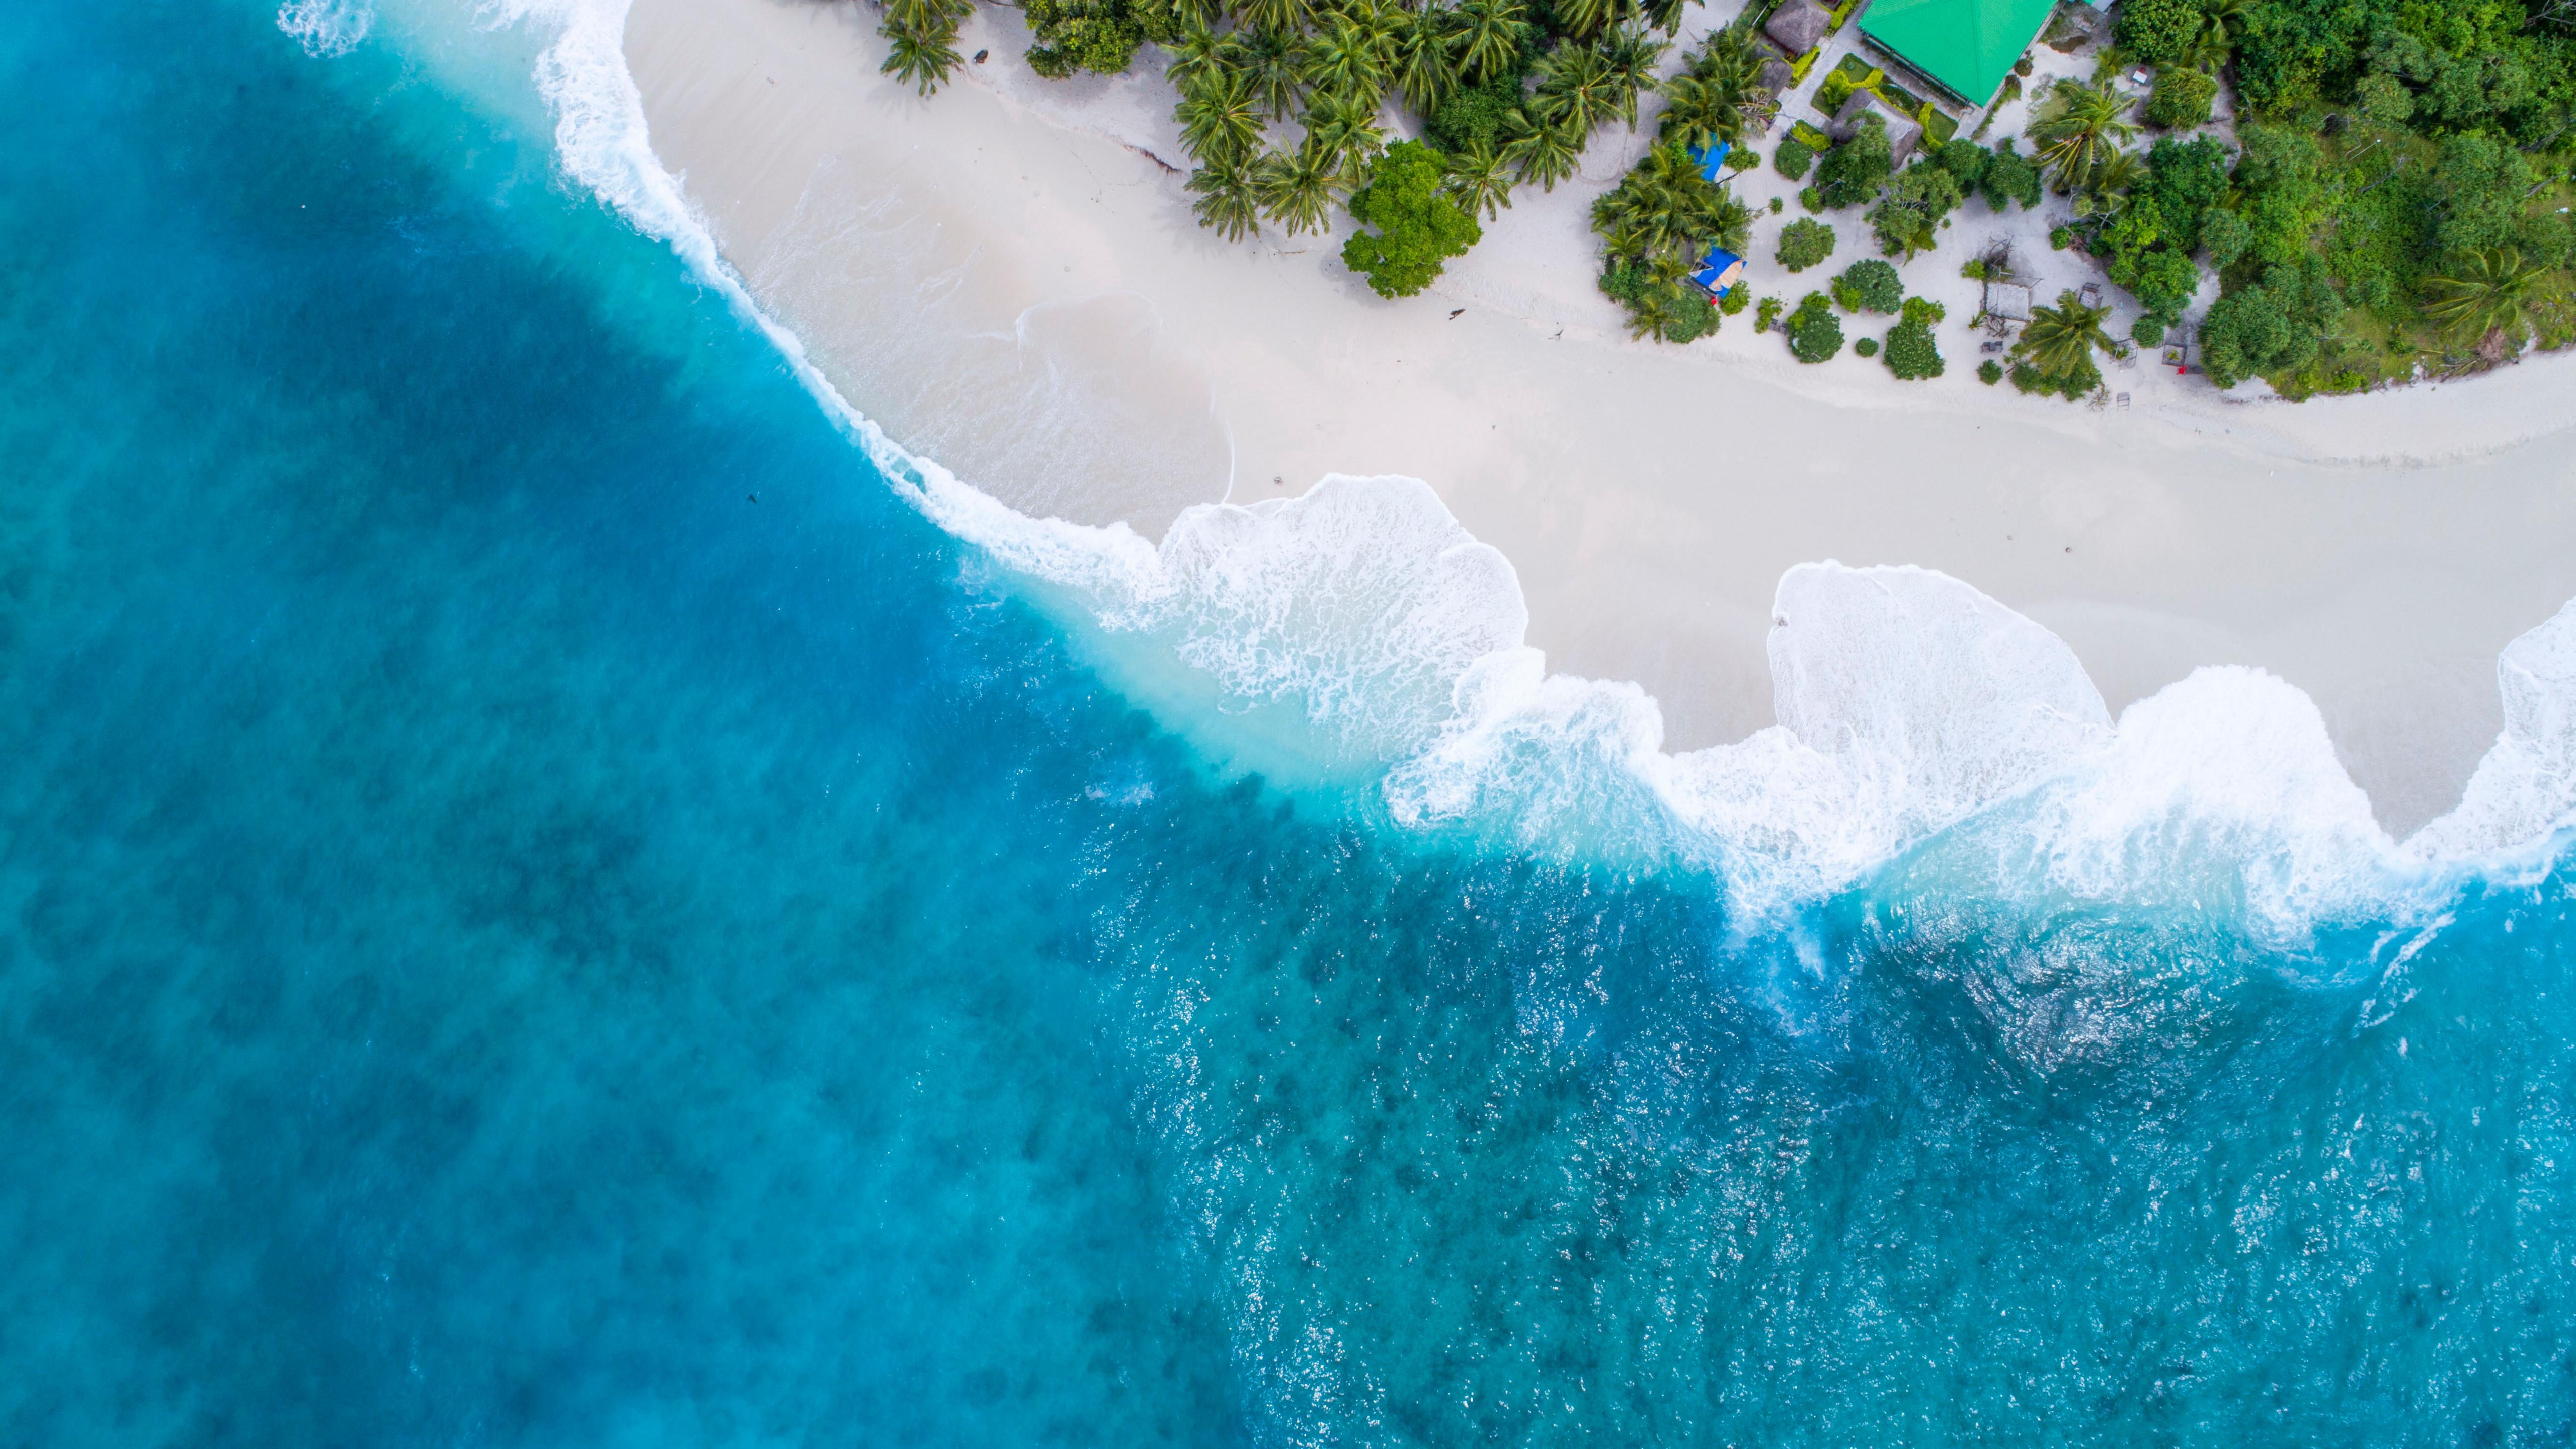 马尔代夫海岛风景图片桌面壁纸